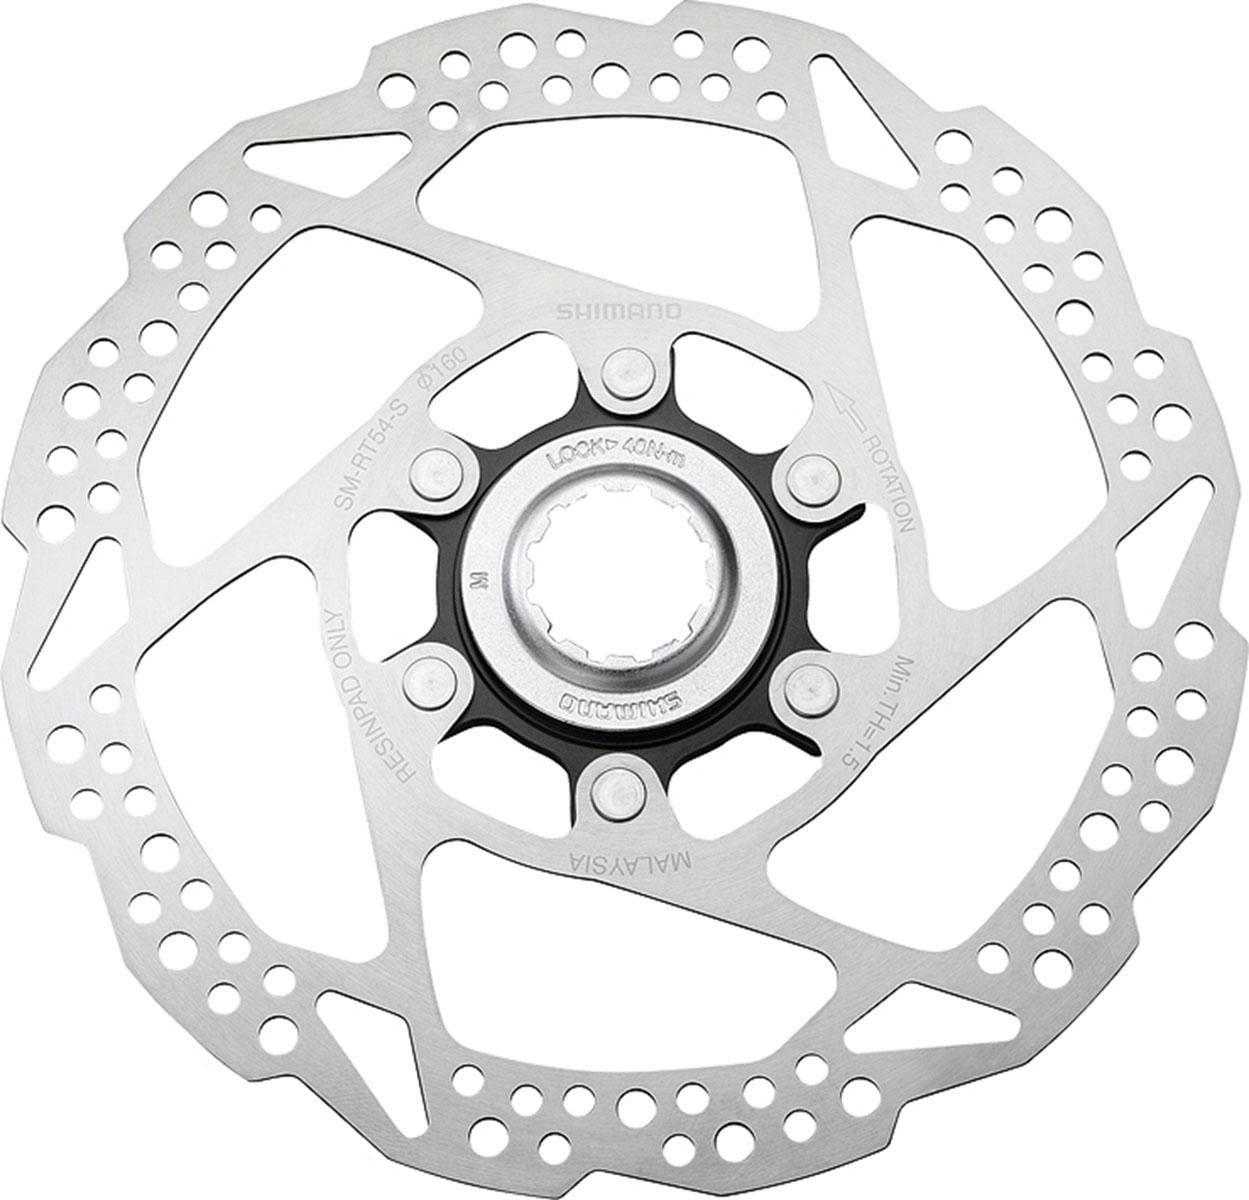 Shimano Bremsscheibe SM-RT54S (1-tlg) Technik & Freizeit/Sport & Freizeit/Fahrräder & Zubehör/Fahrradzubehör/Fahrradteile/Fahrradbremsen